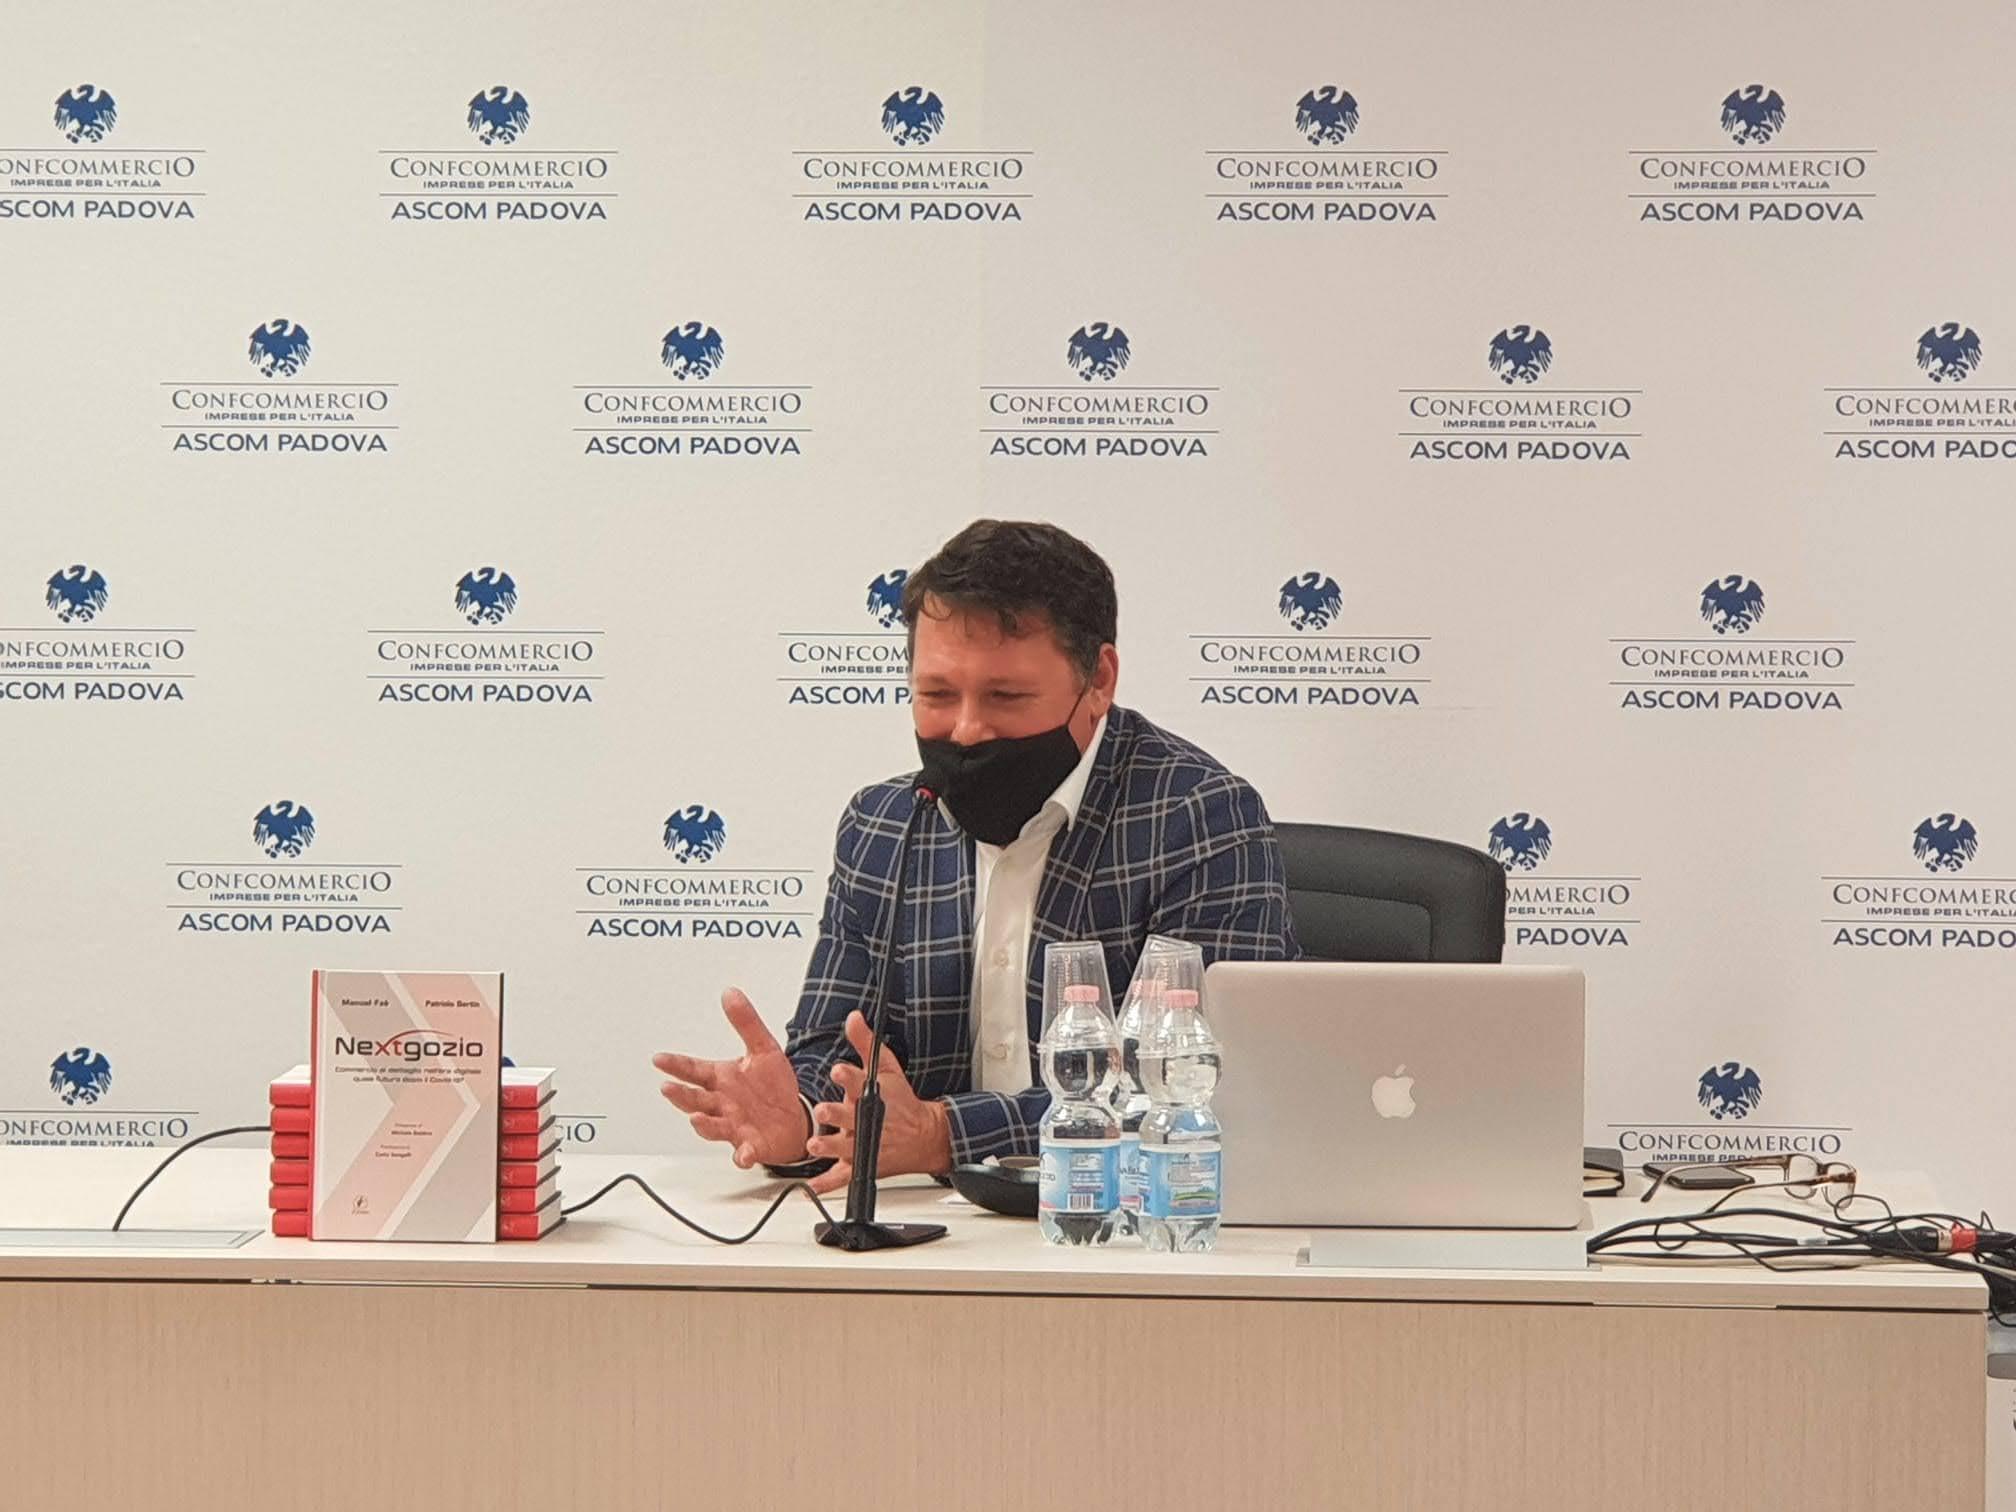 Manuel Faè - Libro Nextgozio Commercio al dettaglio nell'era digitale Presentazione libro